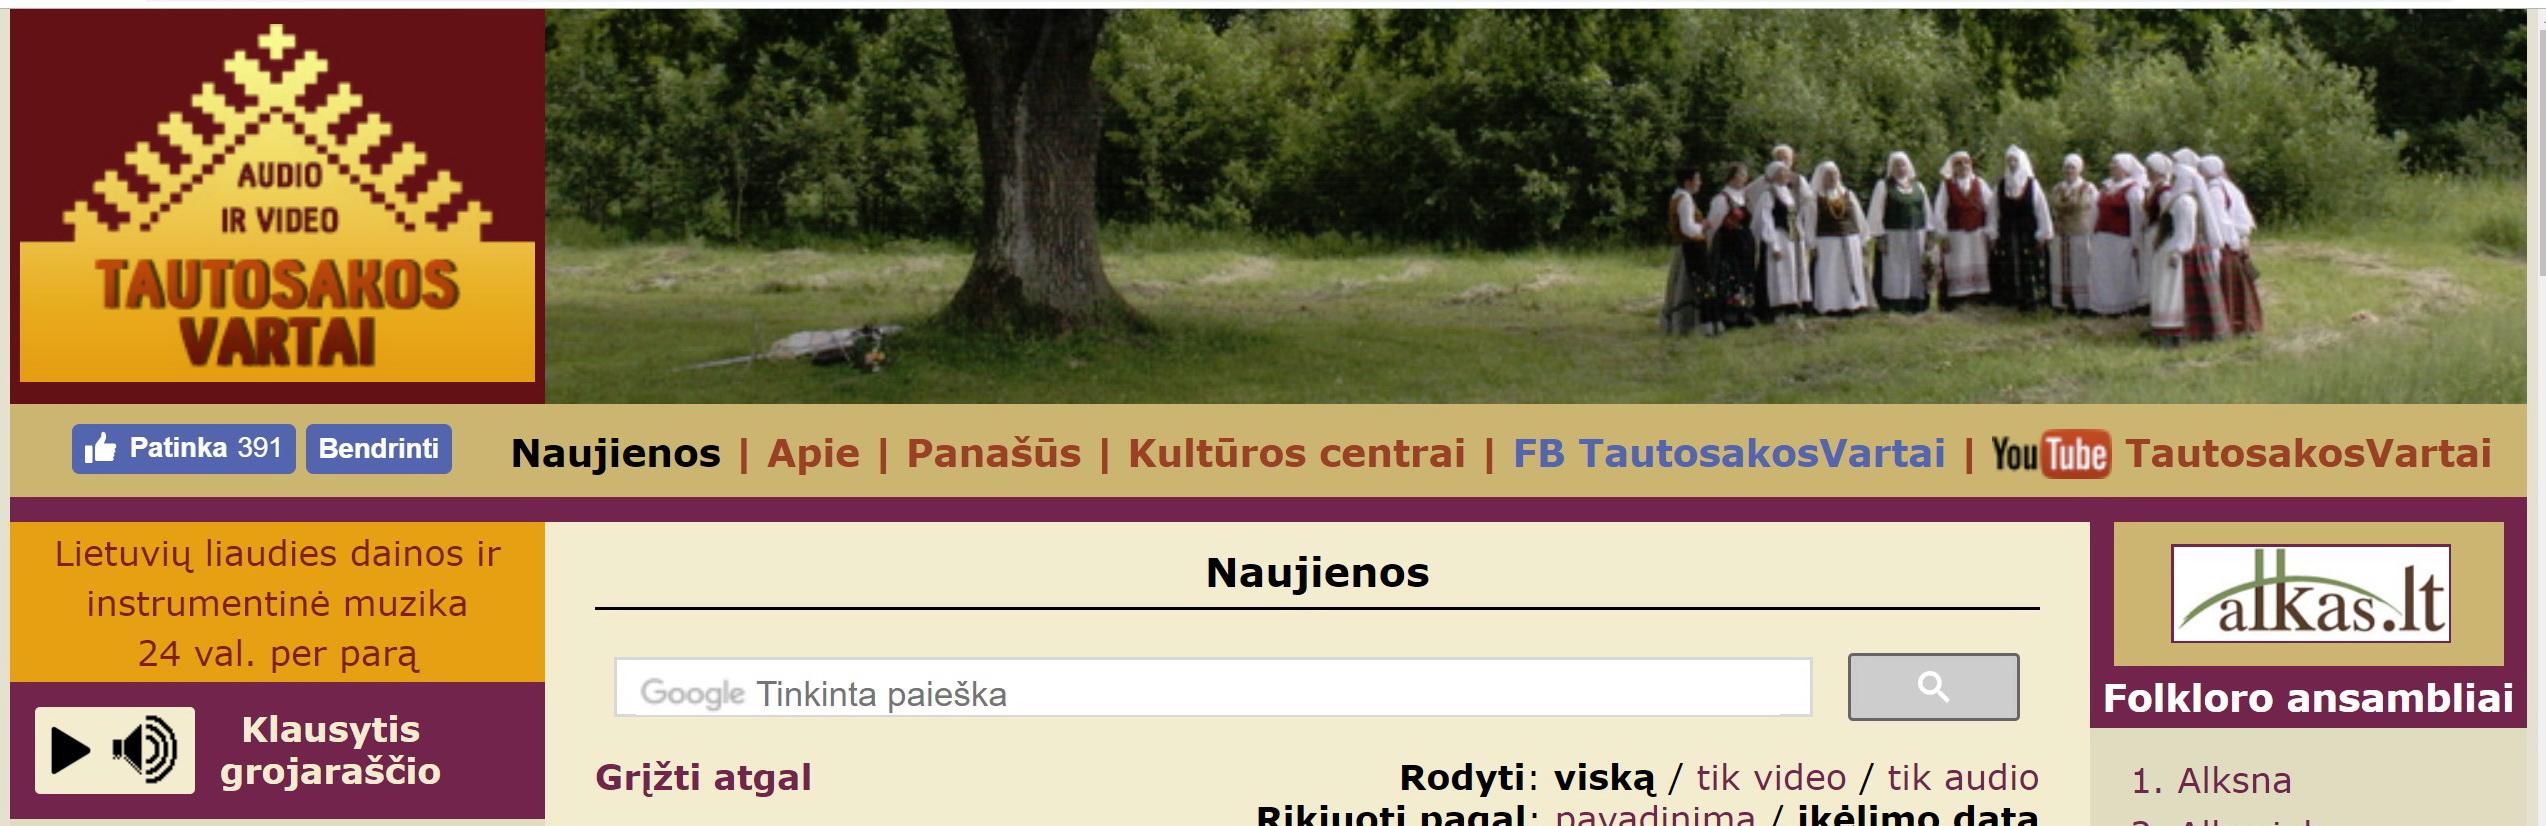 WWW.Tautosakosvartai.lt